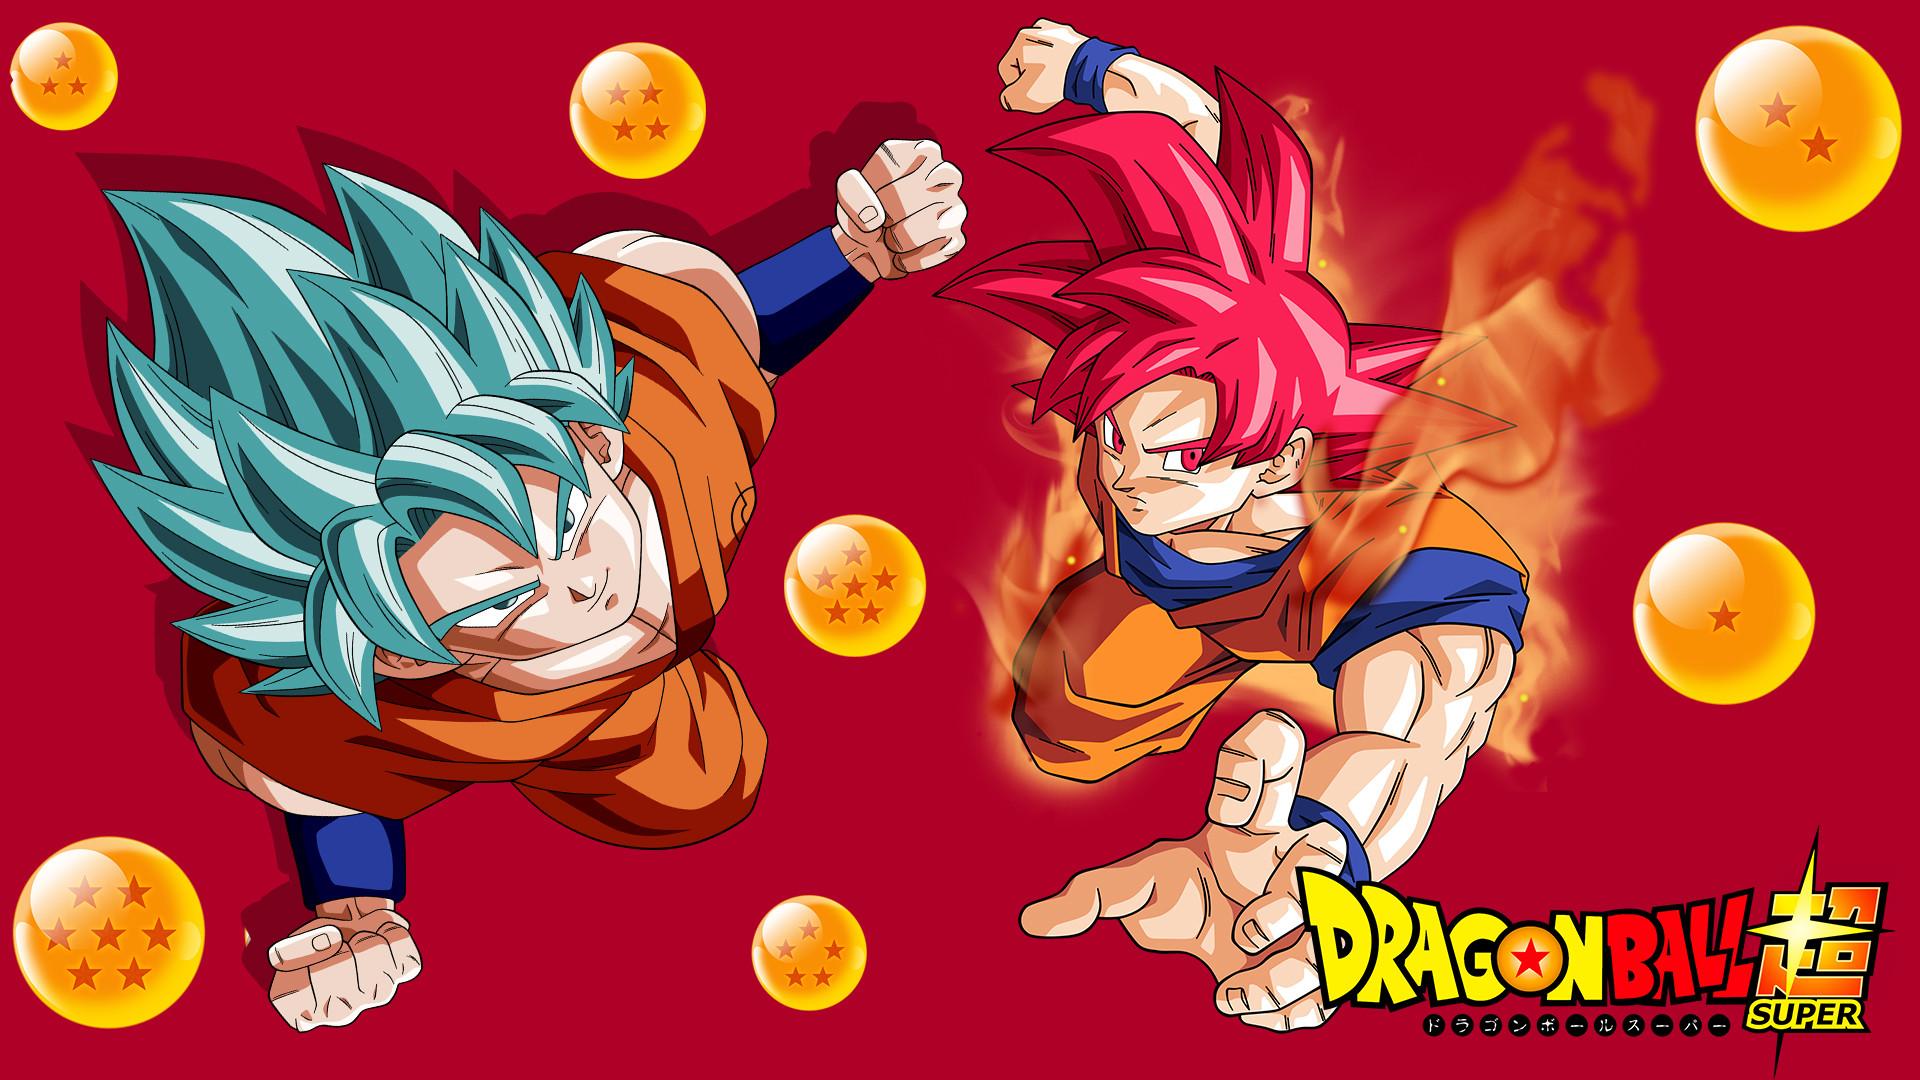 Dragon Ball Super Hd Wallpaper: Dragon Ball Super Wallpapers (57+ Images